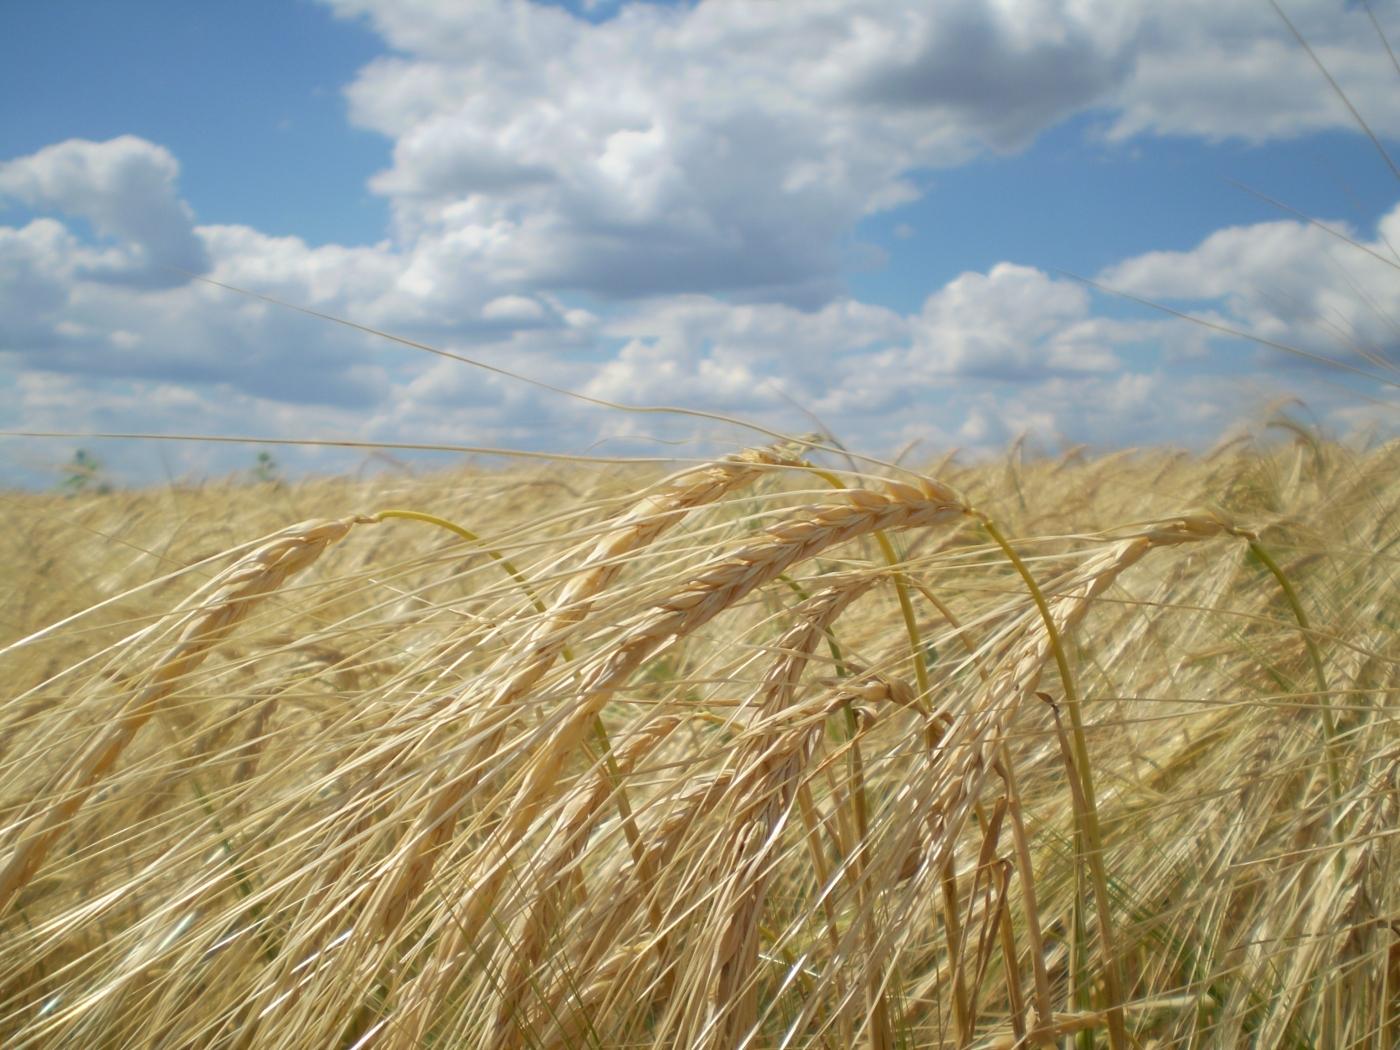 26249 скачать обои Пейзаж, Поля, Небо, Облака, Пшеница - заставки и картинки бесплатно